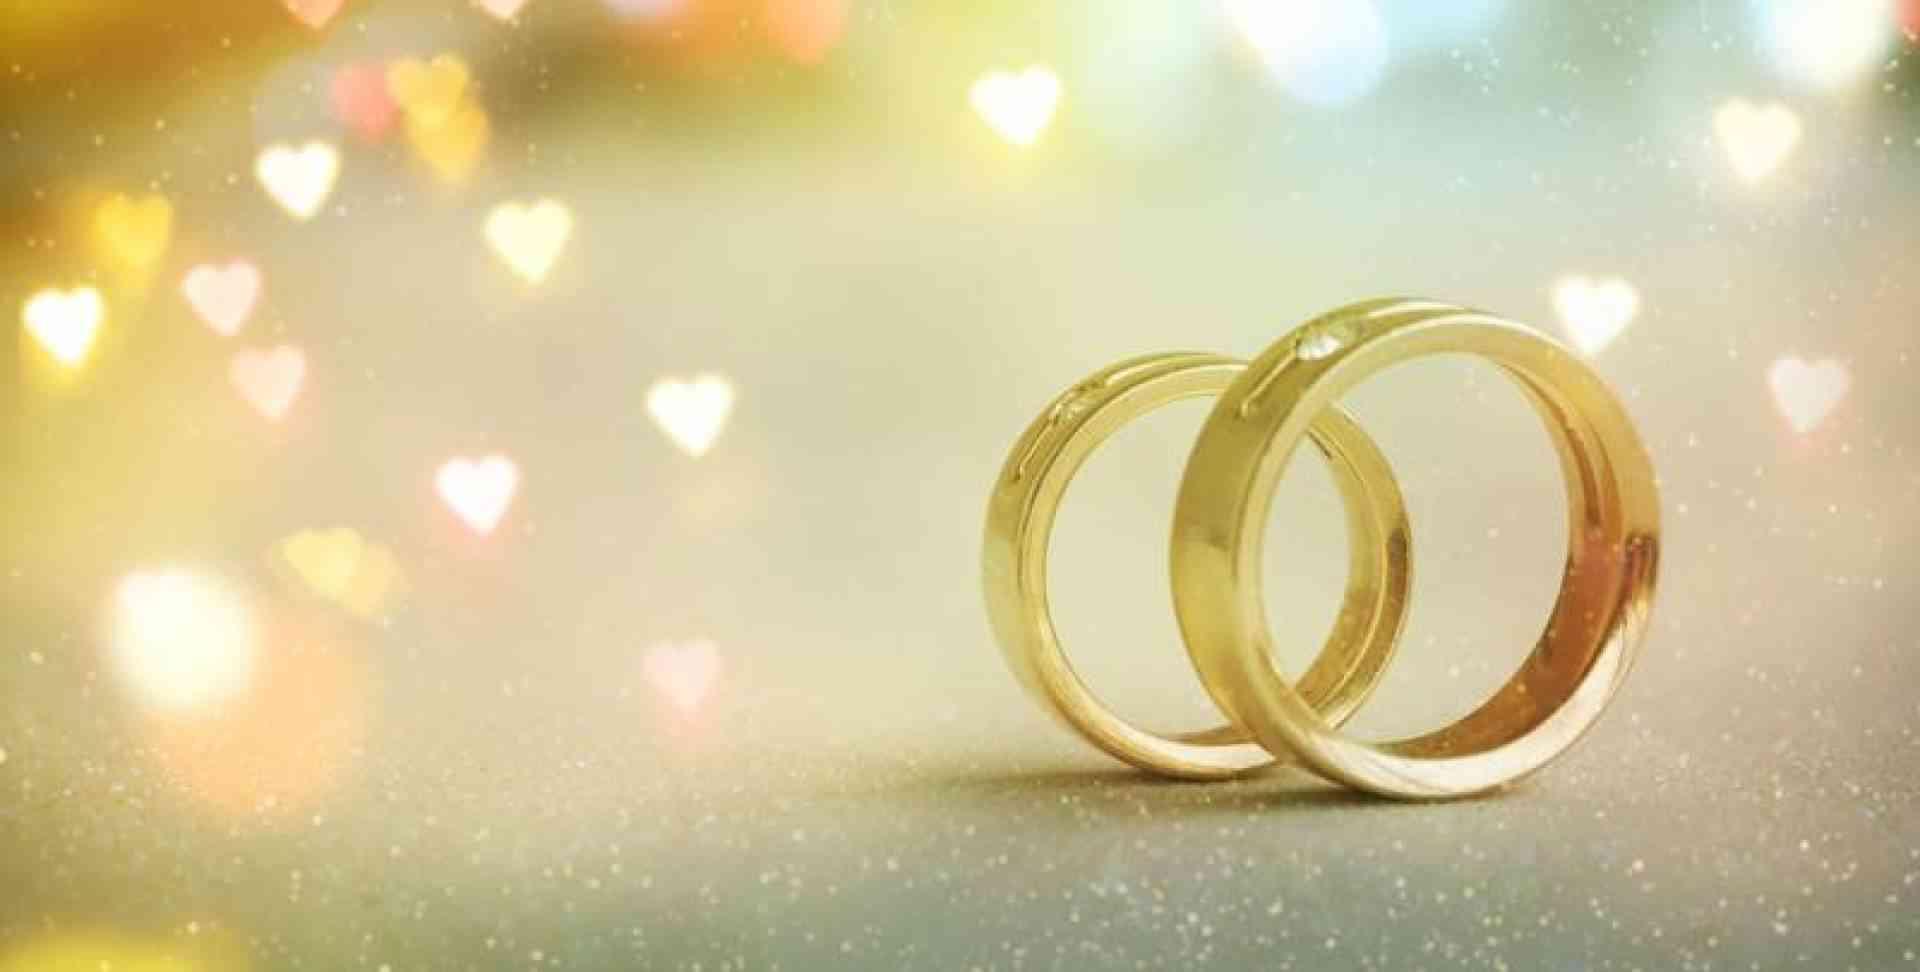 شروط قبول دعوى اثبات الزواج